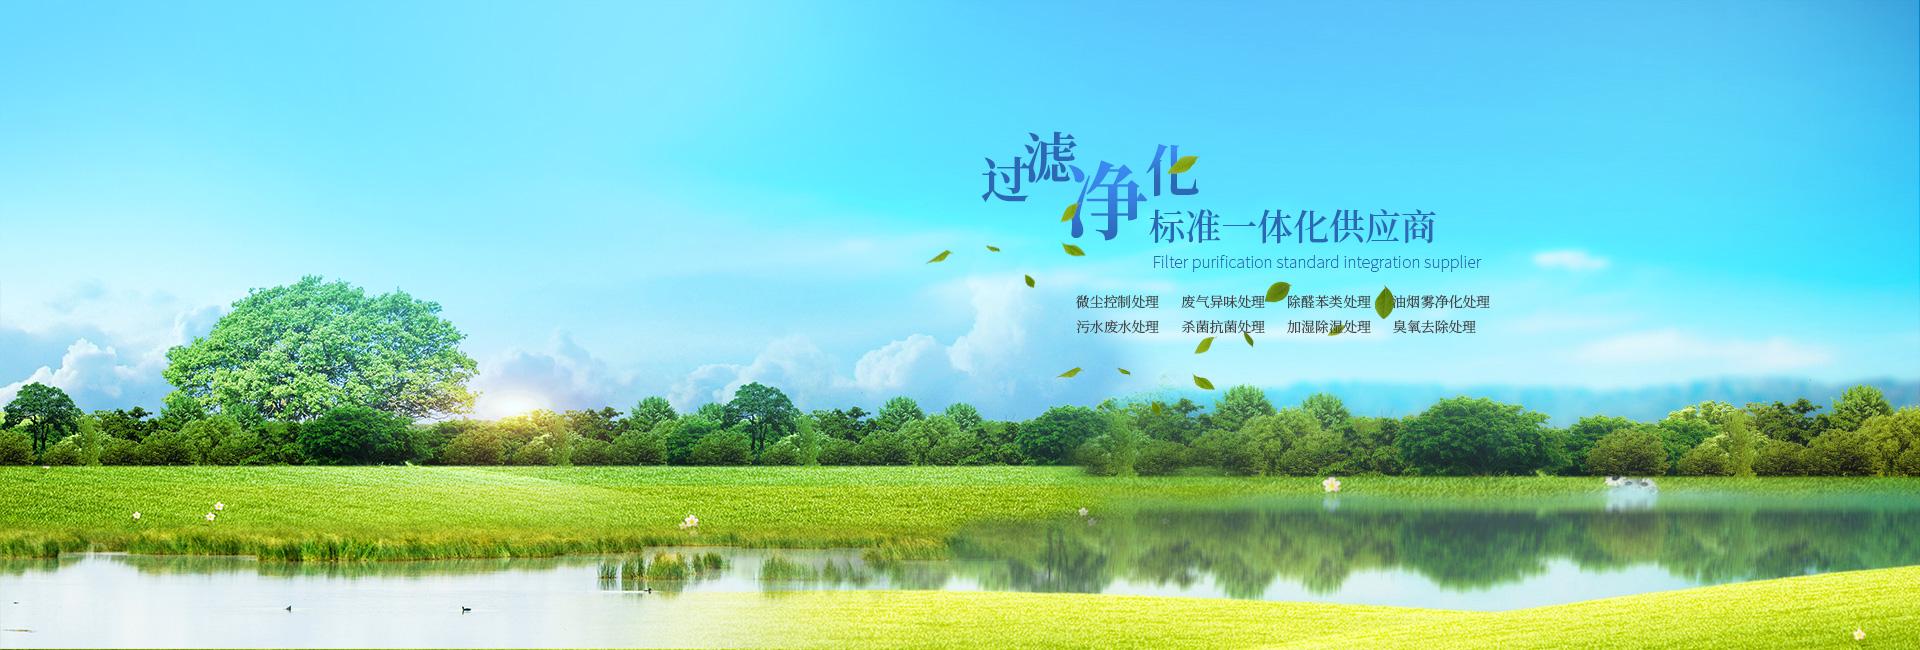 深圳市綠創環保濾材有限公司